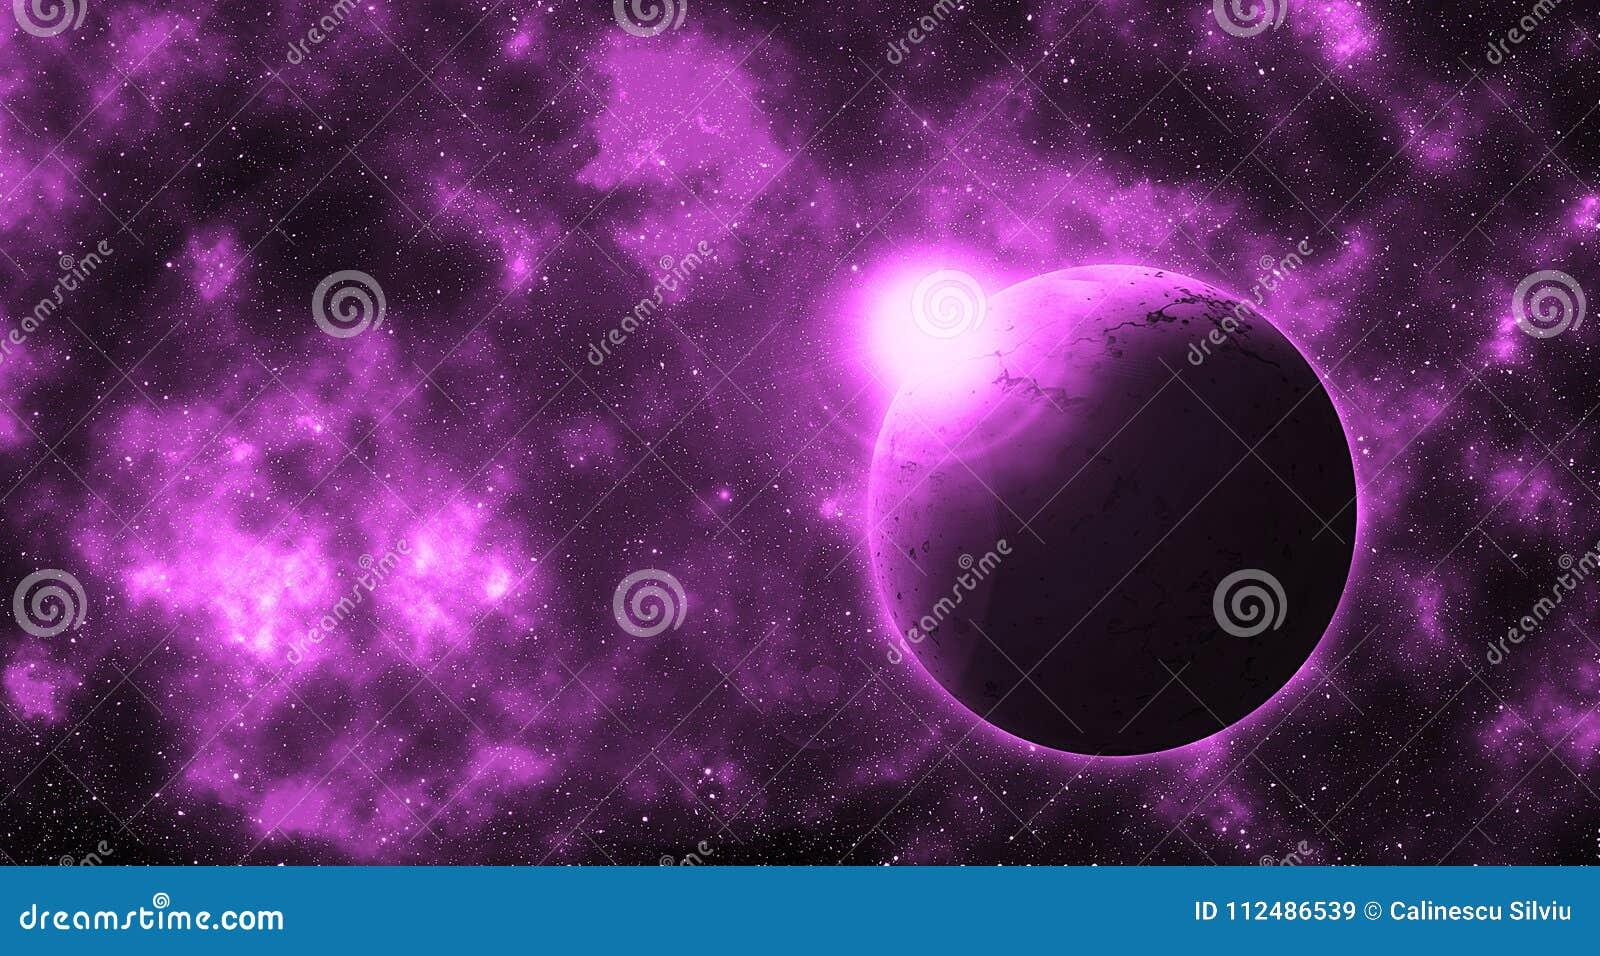 Planeta redondo de la fantasía en la galaxia futura violeta